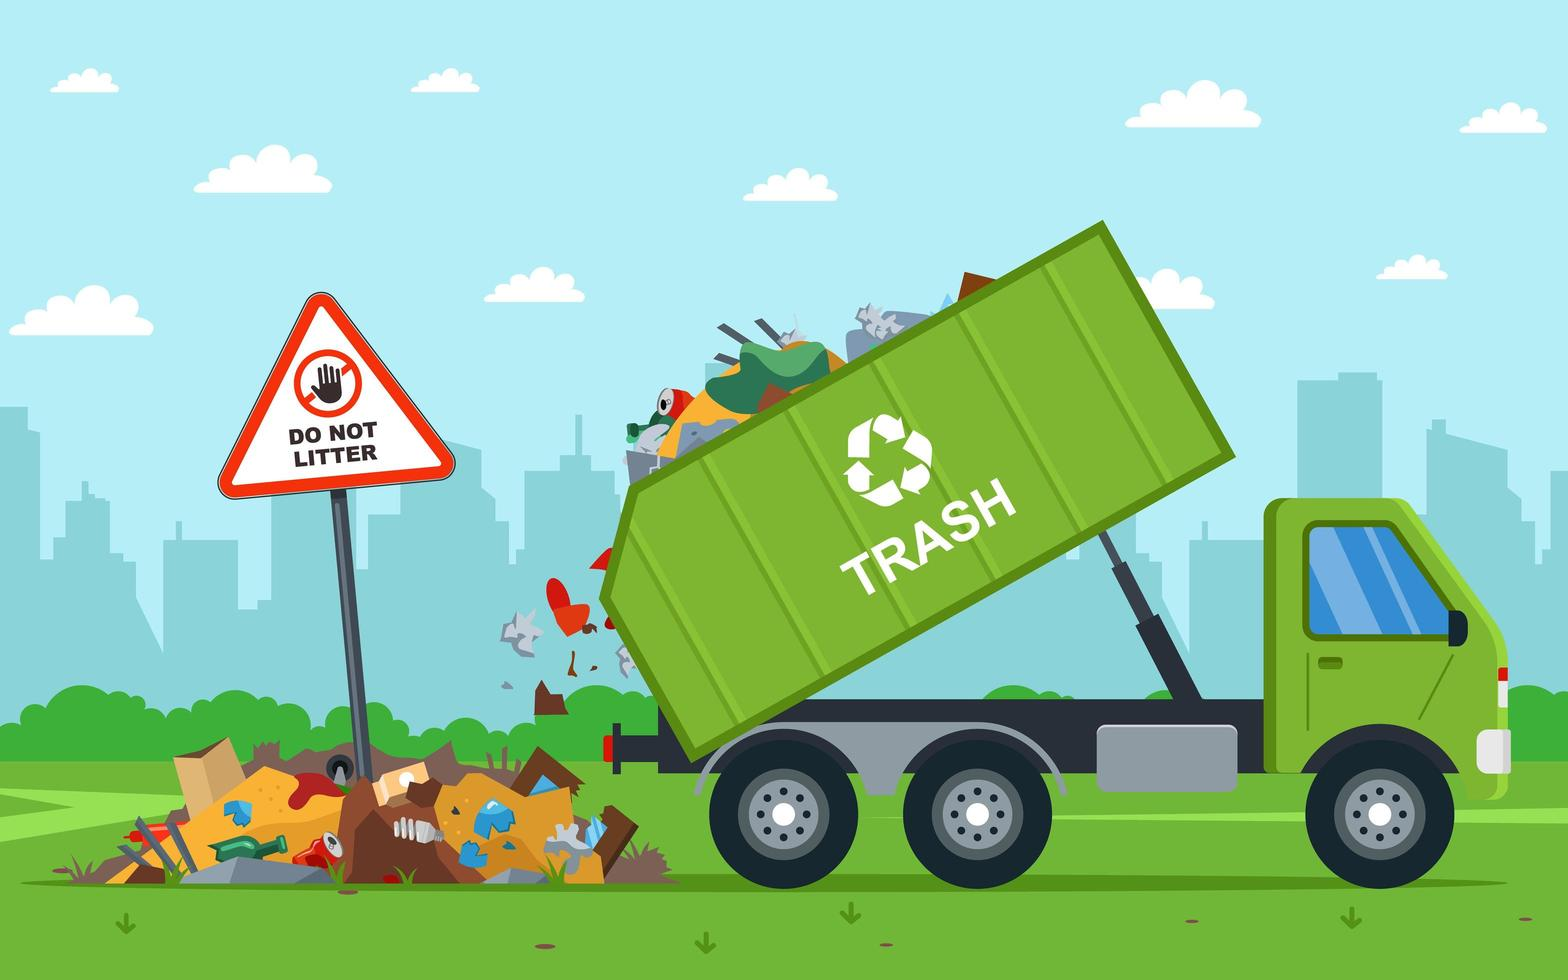 Déchargement illégal de déchets de camion-benne dans le champ vecteur